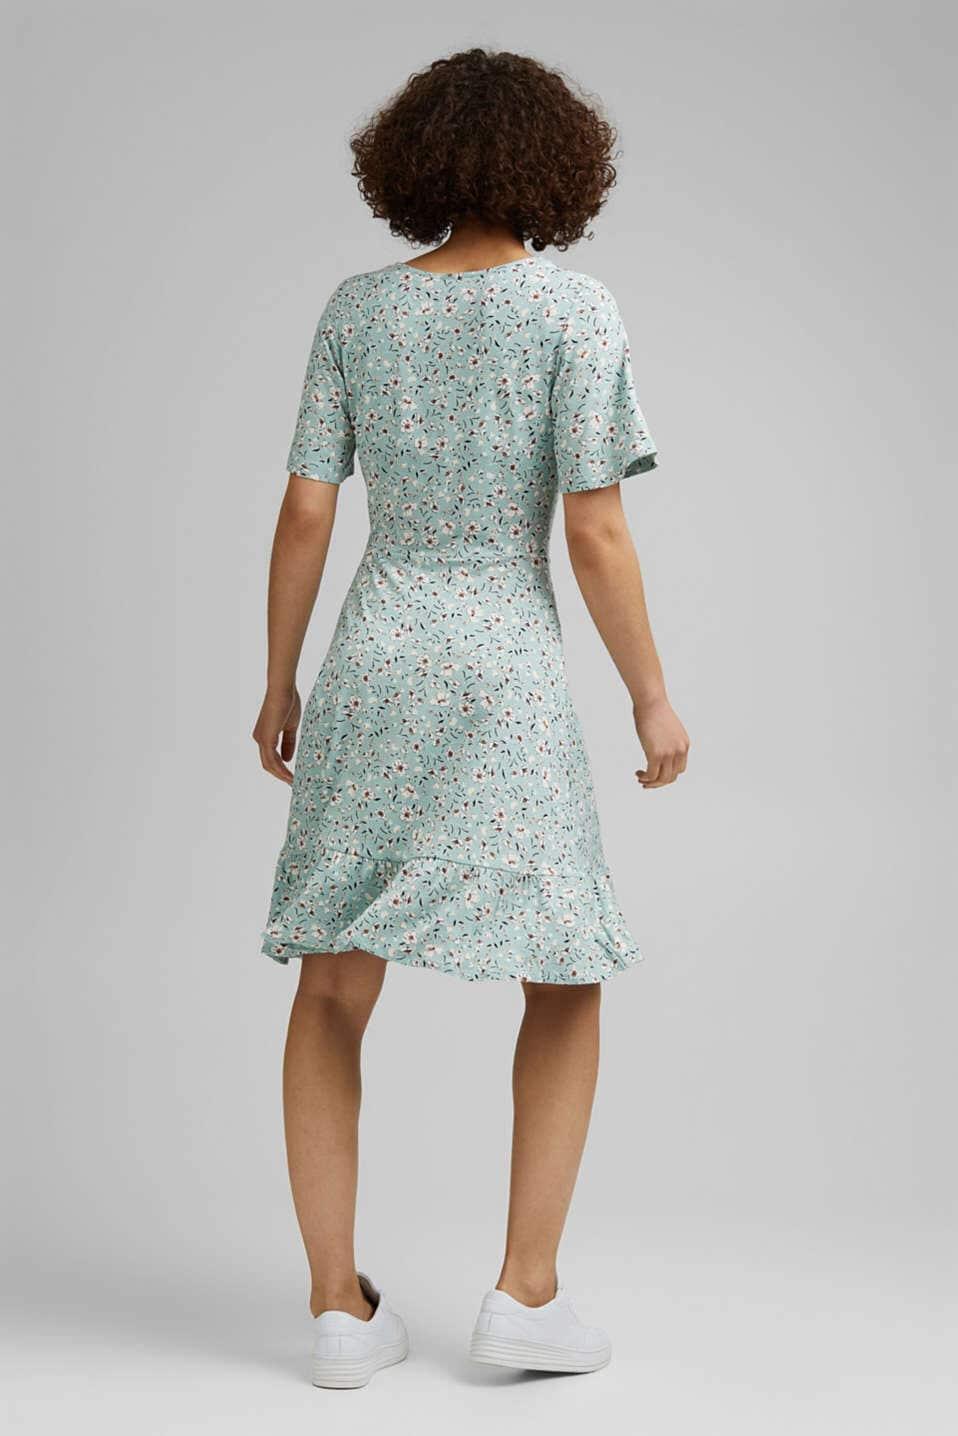 Blommig Omlottklänning - Lt Aqua Green